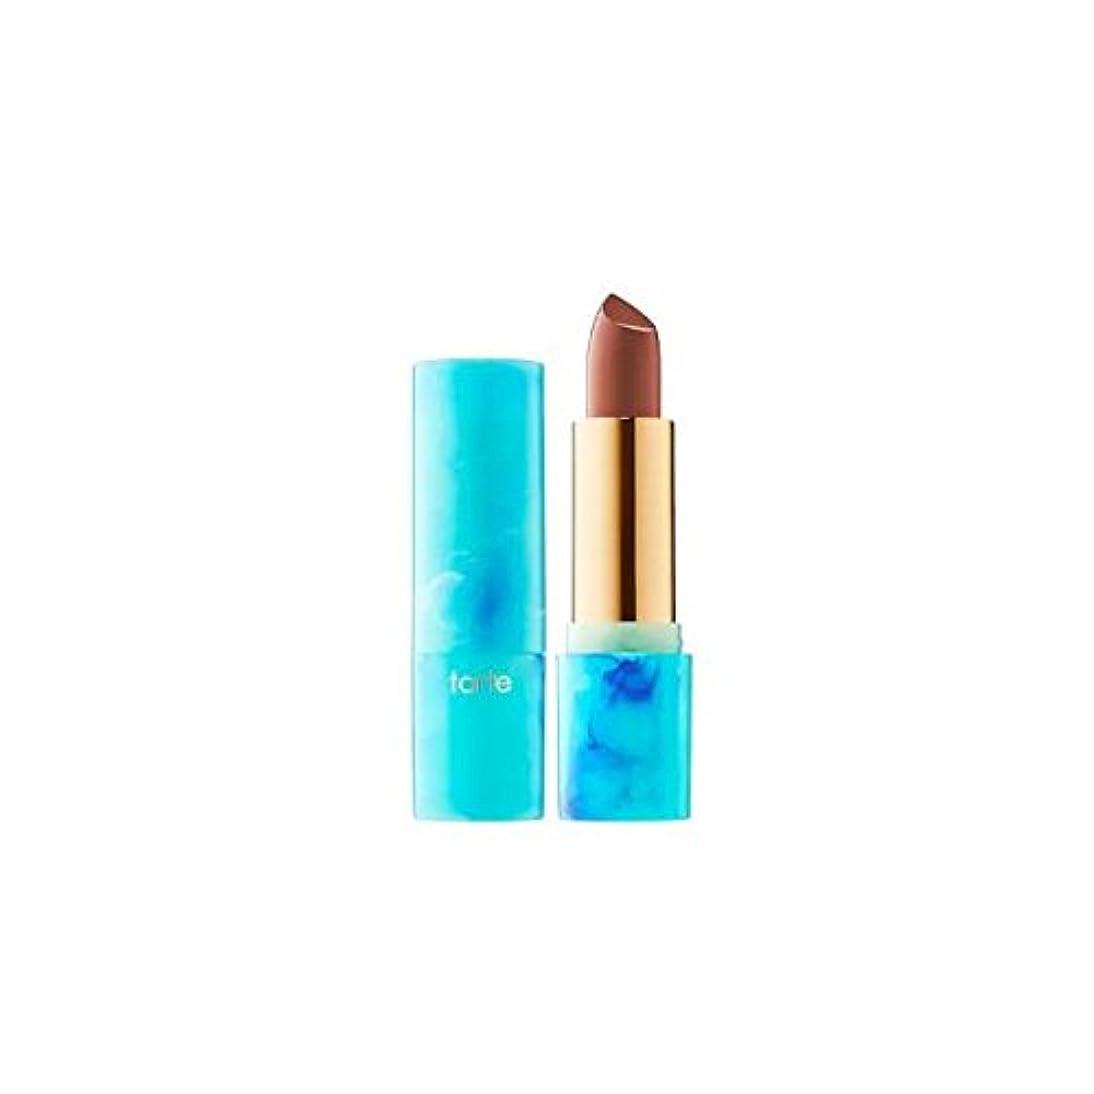 豚メイド動tarteタルト リップ Color Splash Lipstick - Rainforest of the Sea Collection Satin finish